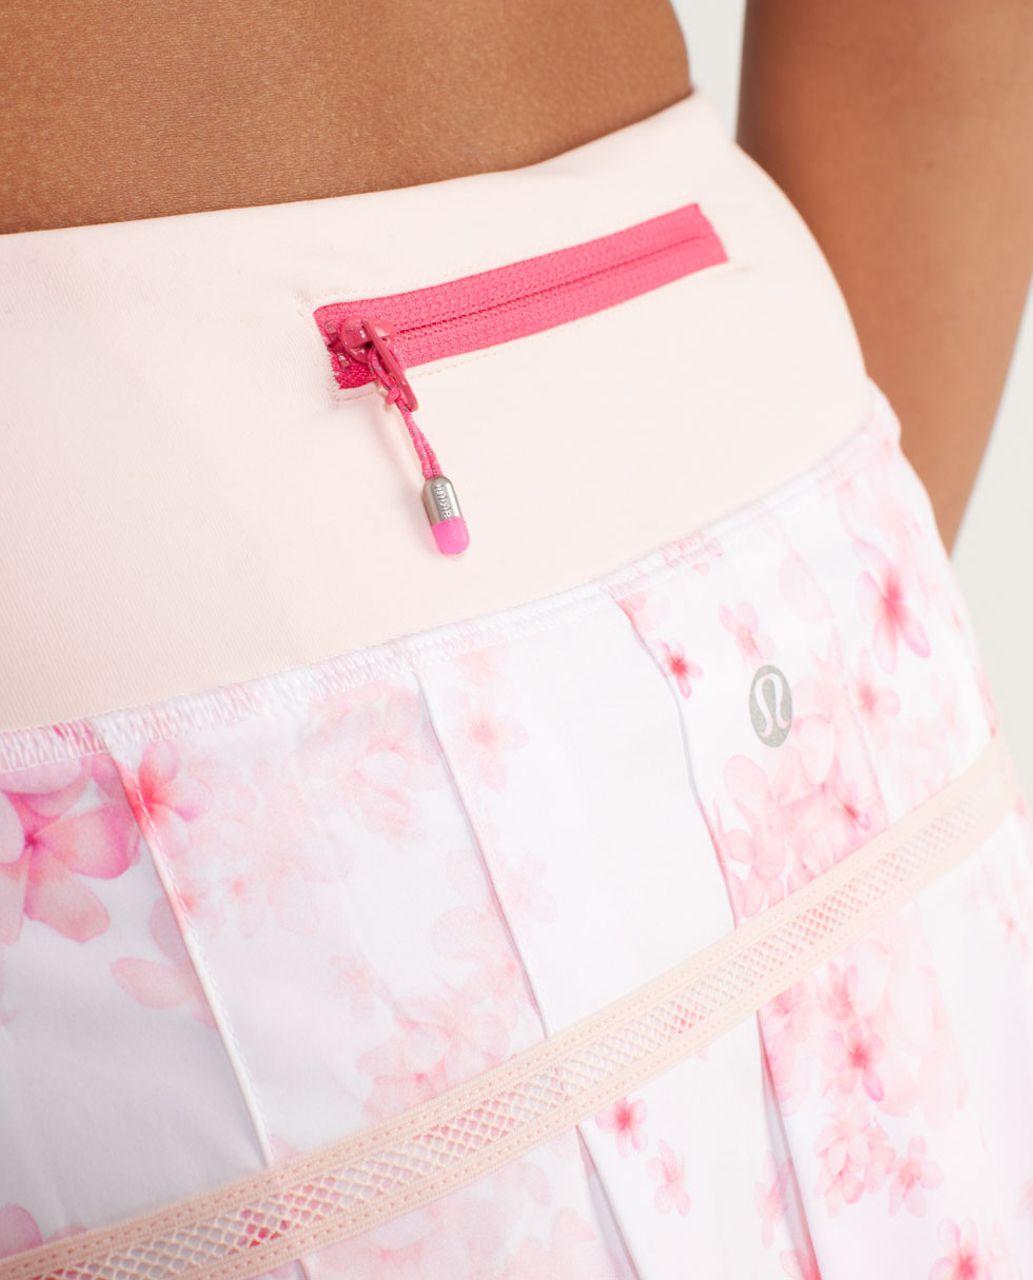 Lululemon Run:  Pace Setter Skirt (Tall) - Frangipani Parfait Pink / Parfait Pink